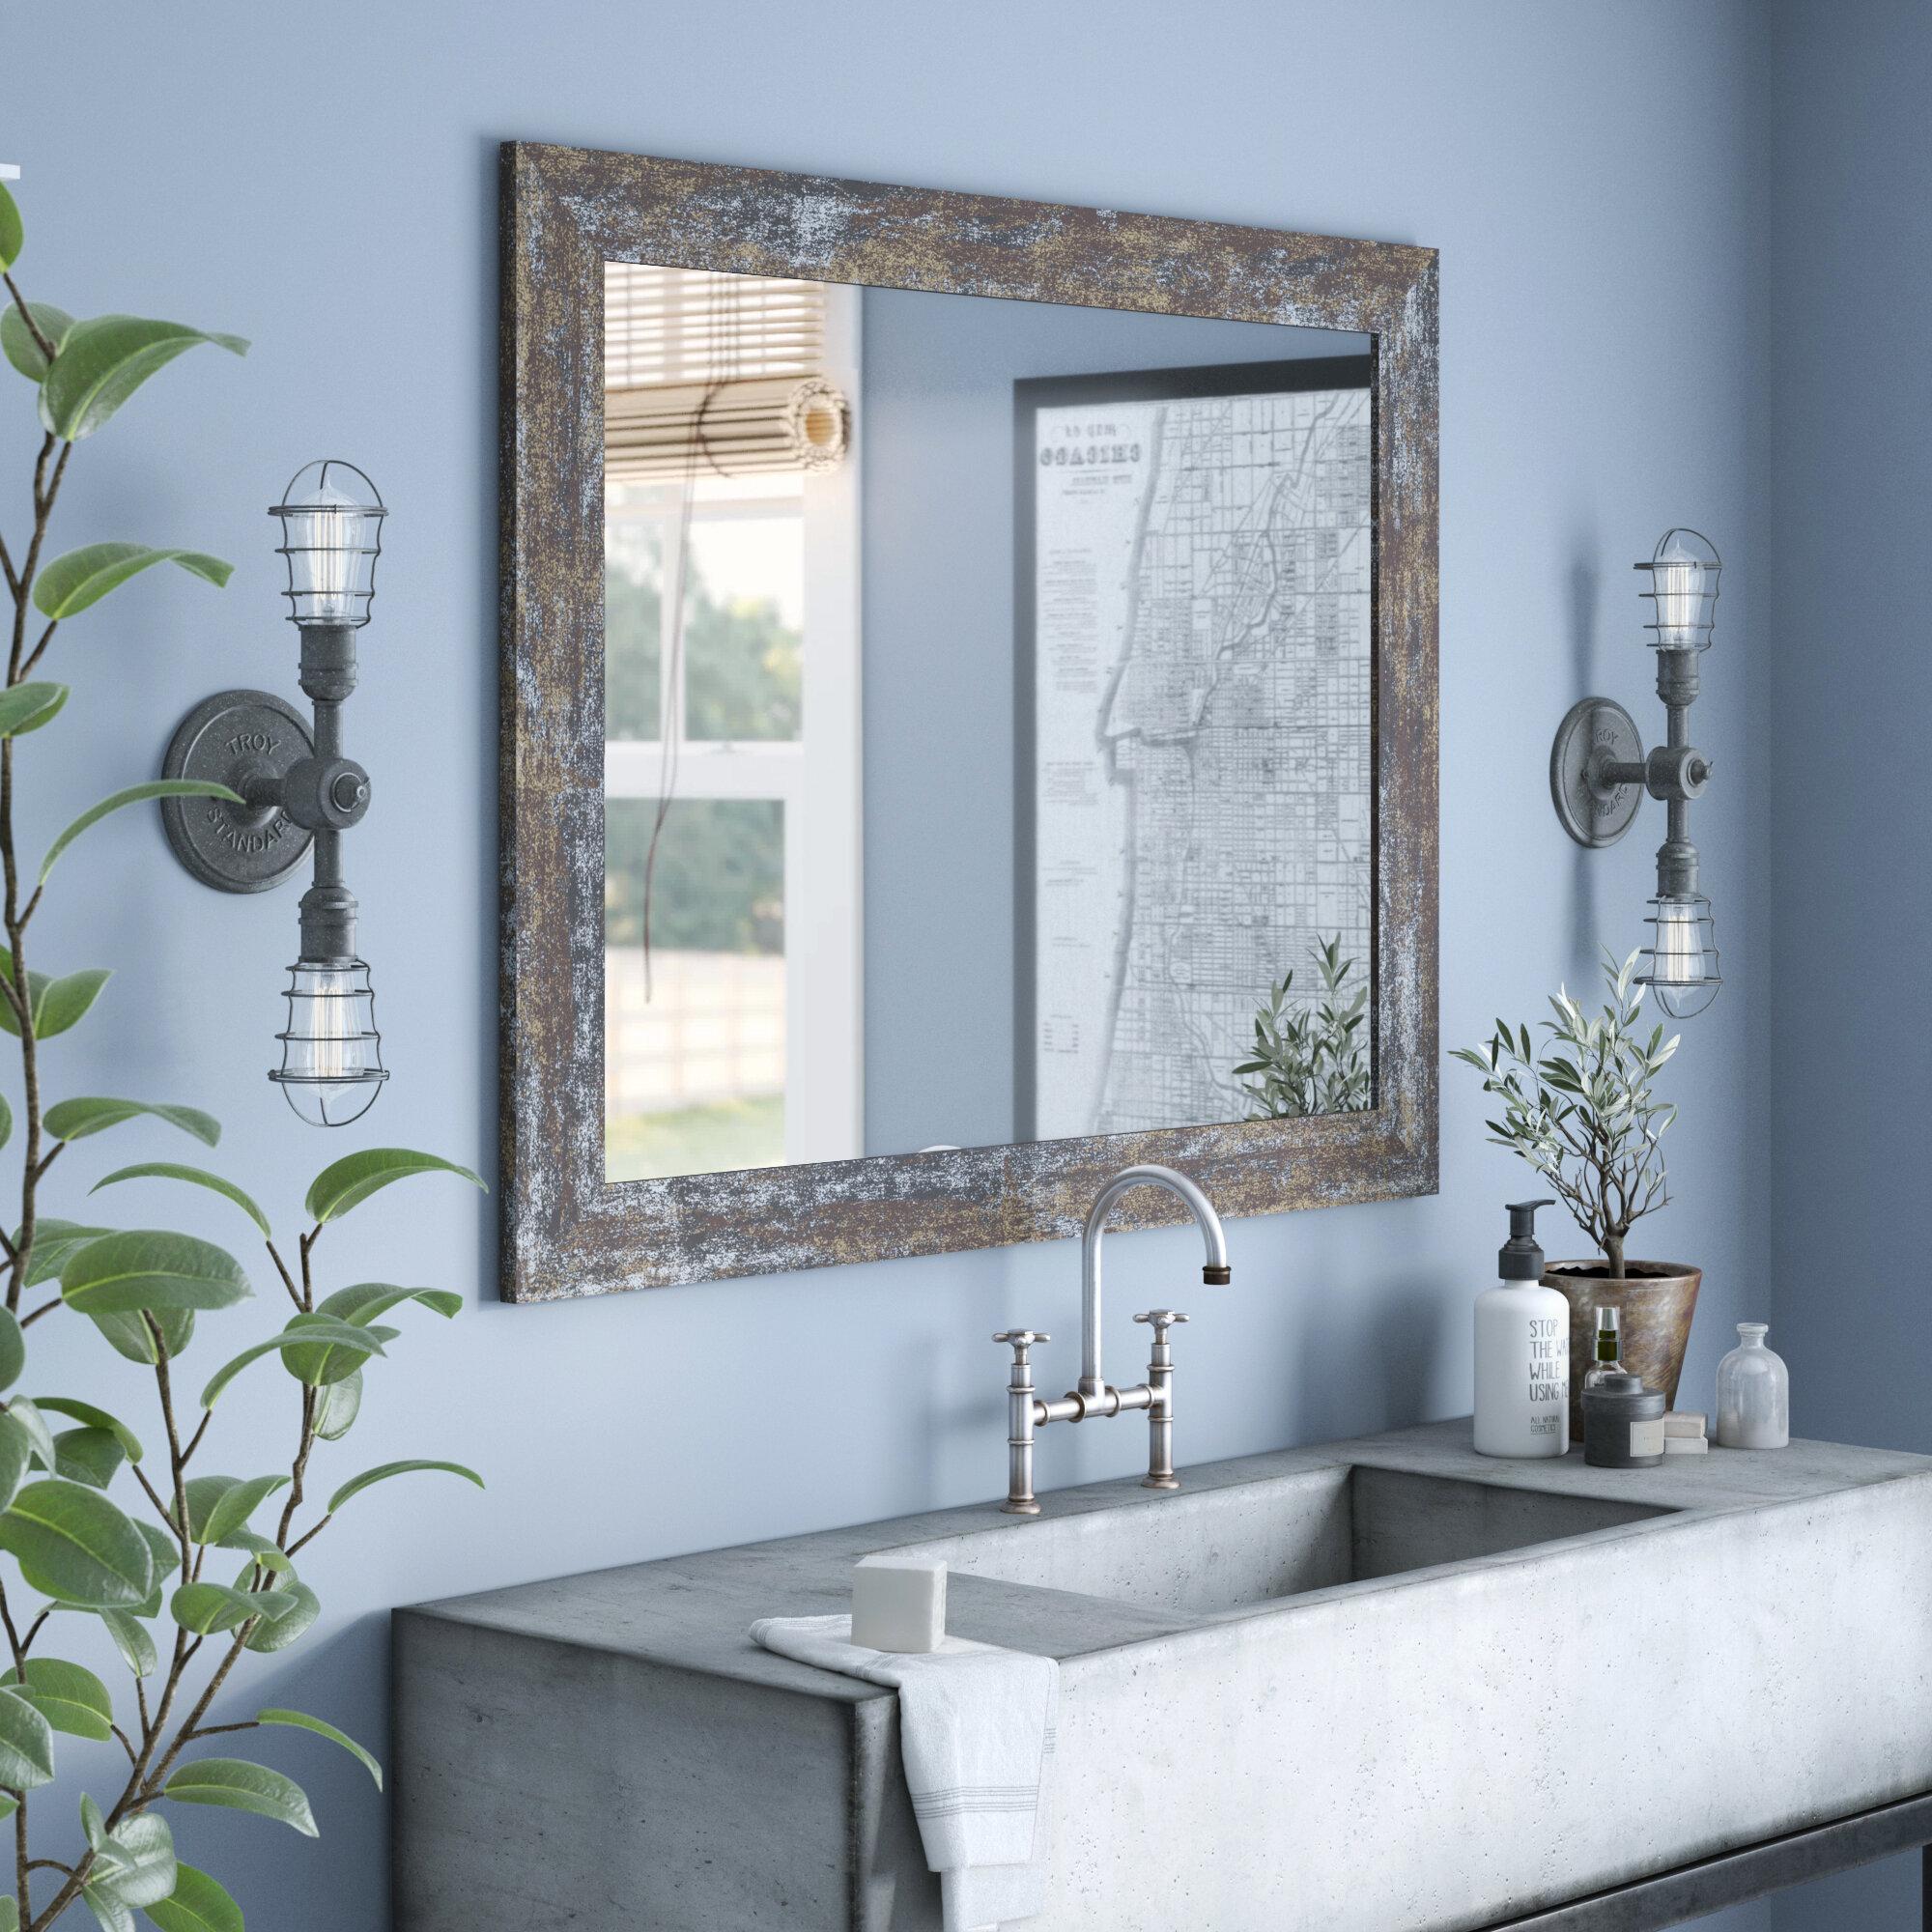 Williston Forge Edmonia Iron Age Oxidized Bathroom Vanity Mirror Reviews Wayfair